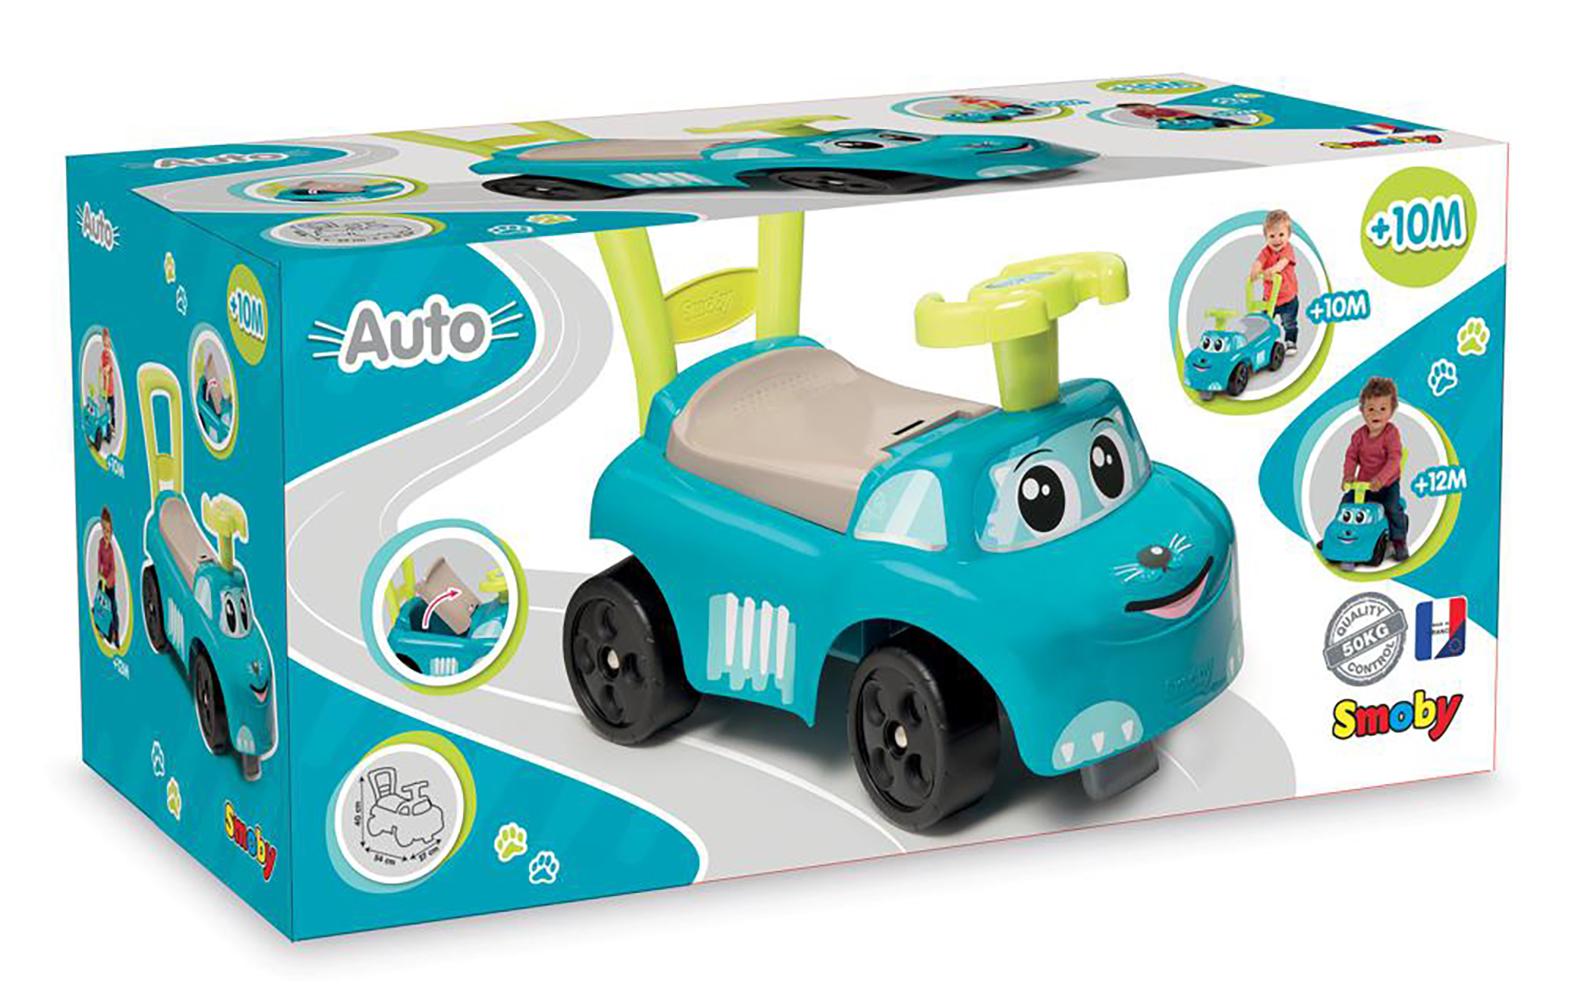 Smoby Porteur 2-en-1 bleu